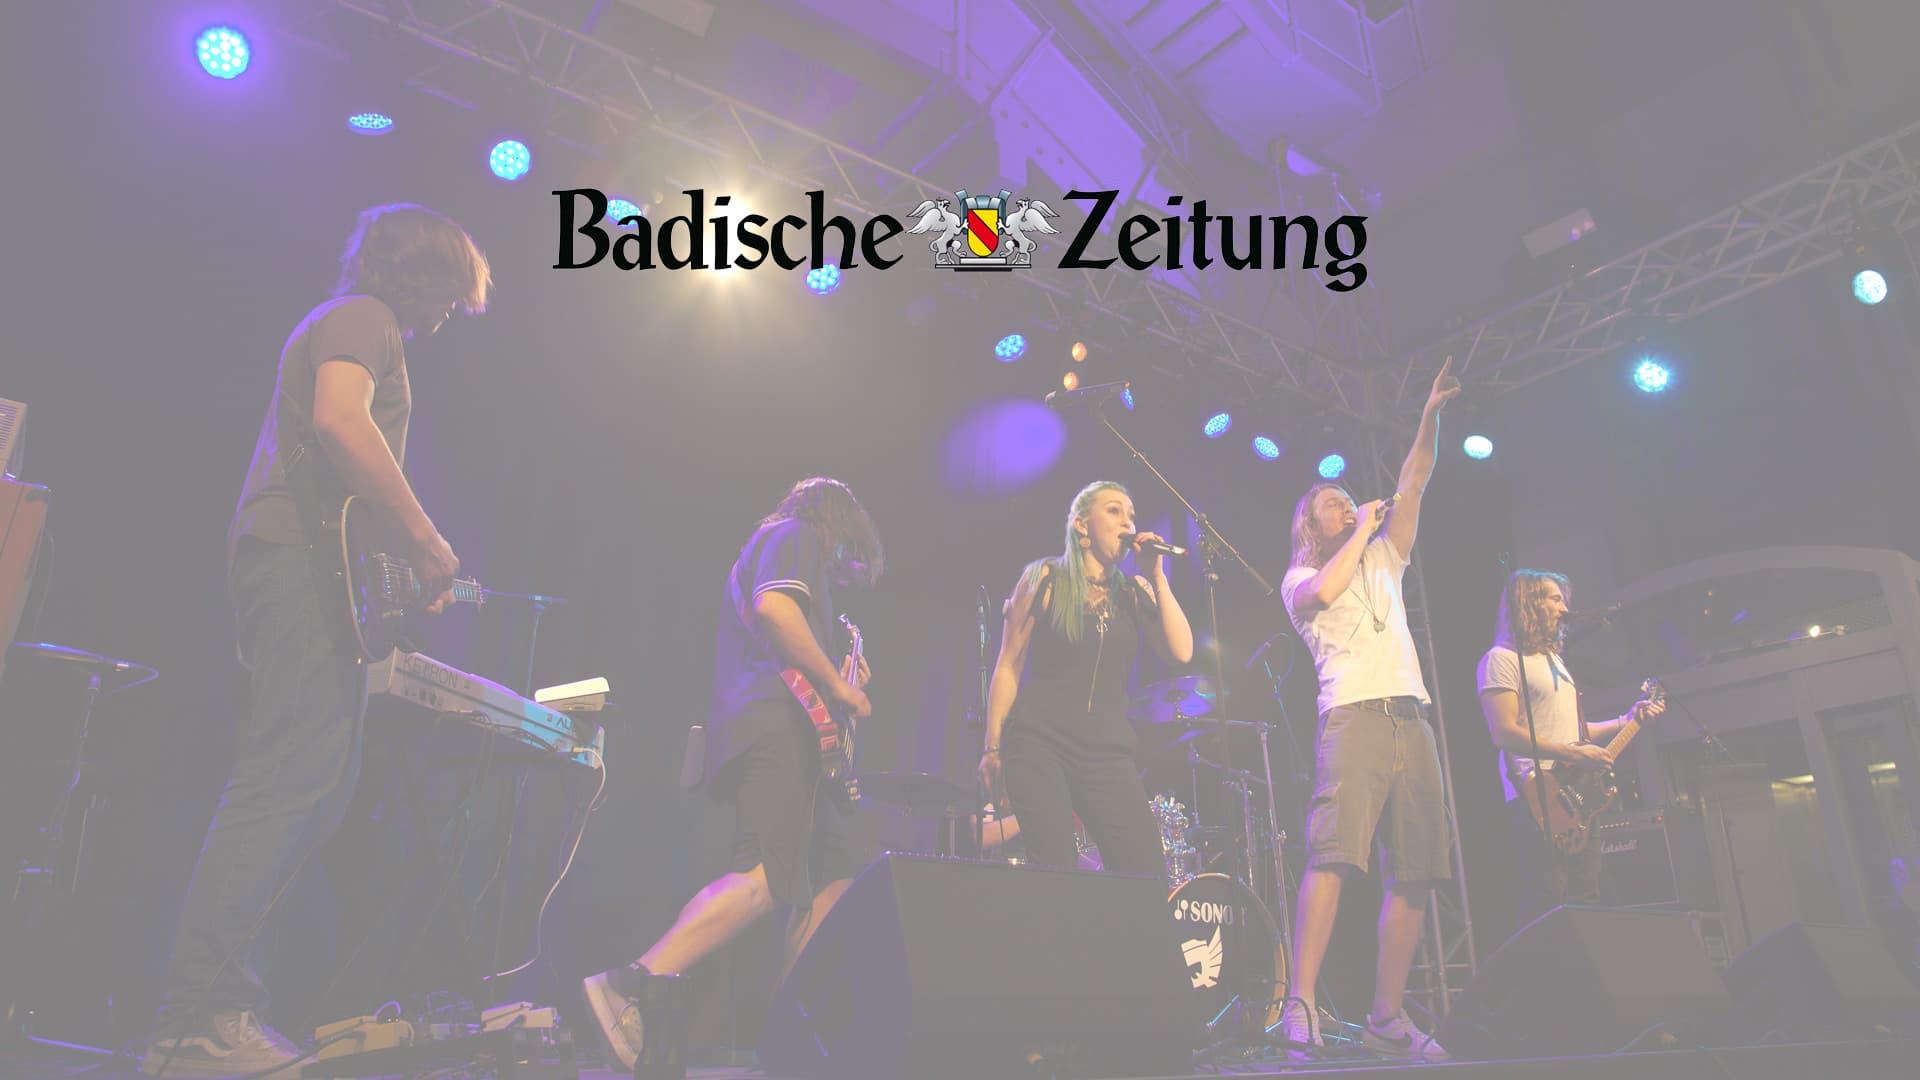 qult-badische-zeitung-charlotte-vix-swr-freiburg